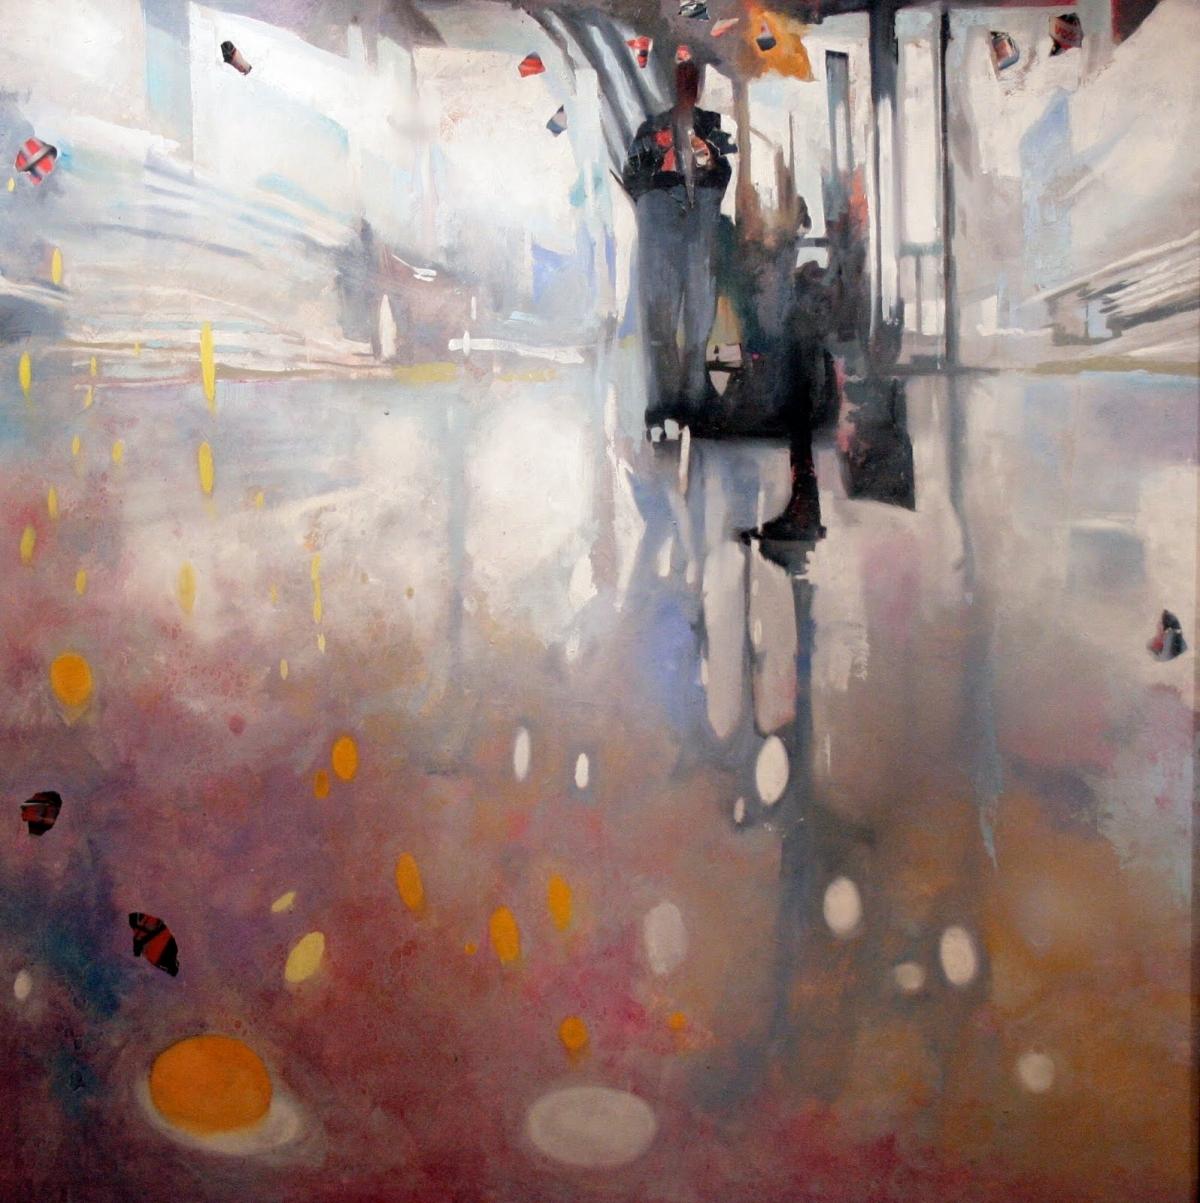 Rvelació II, de Xavier Gabriel